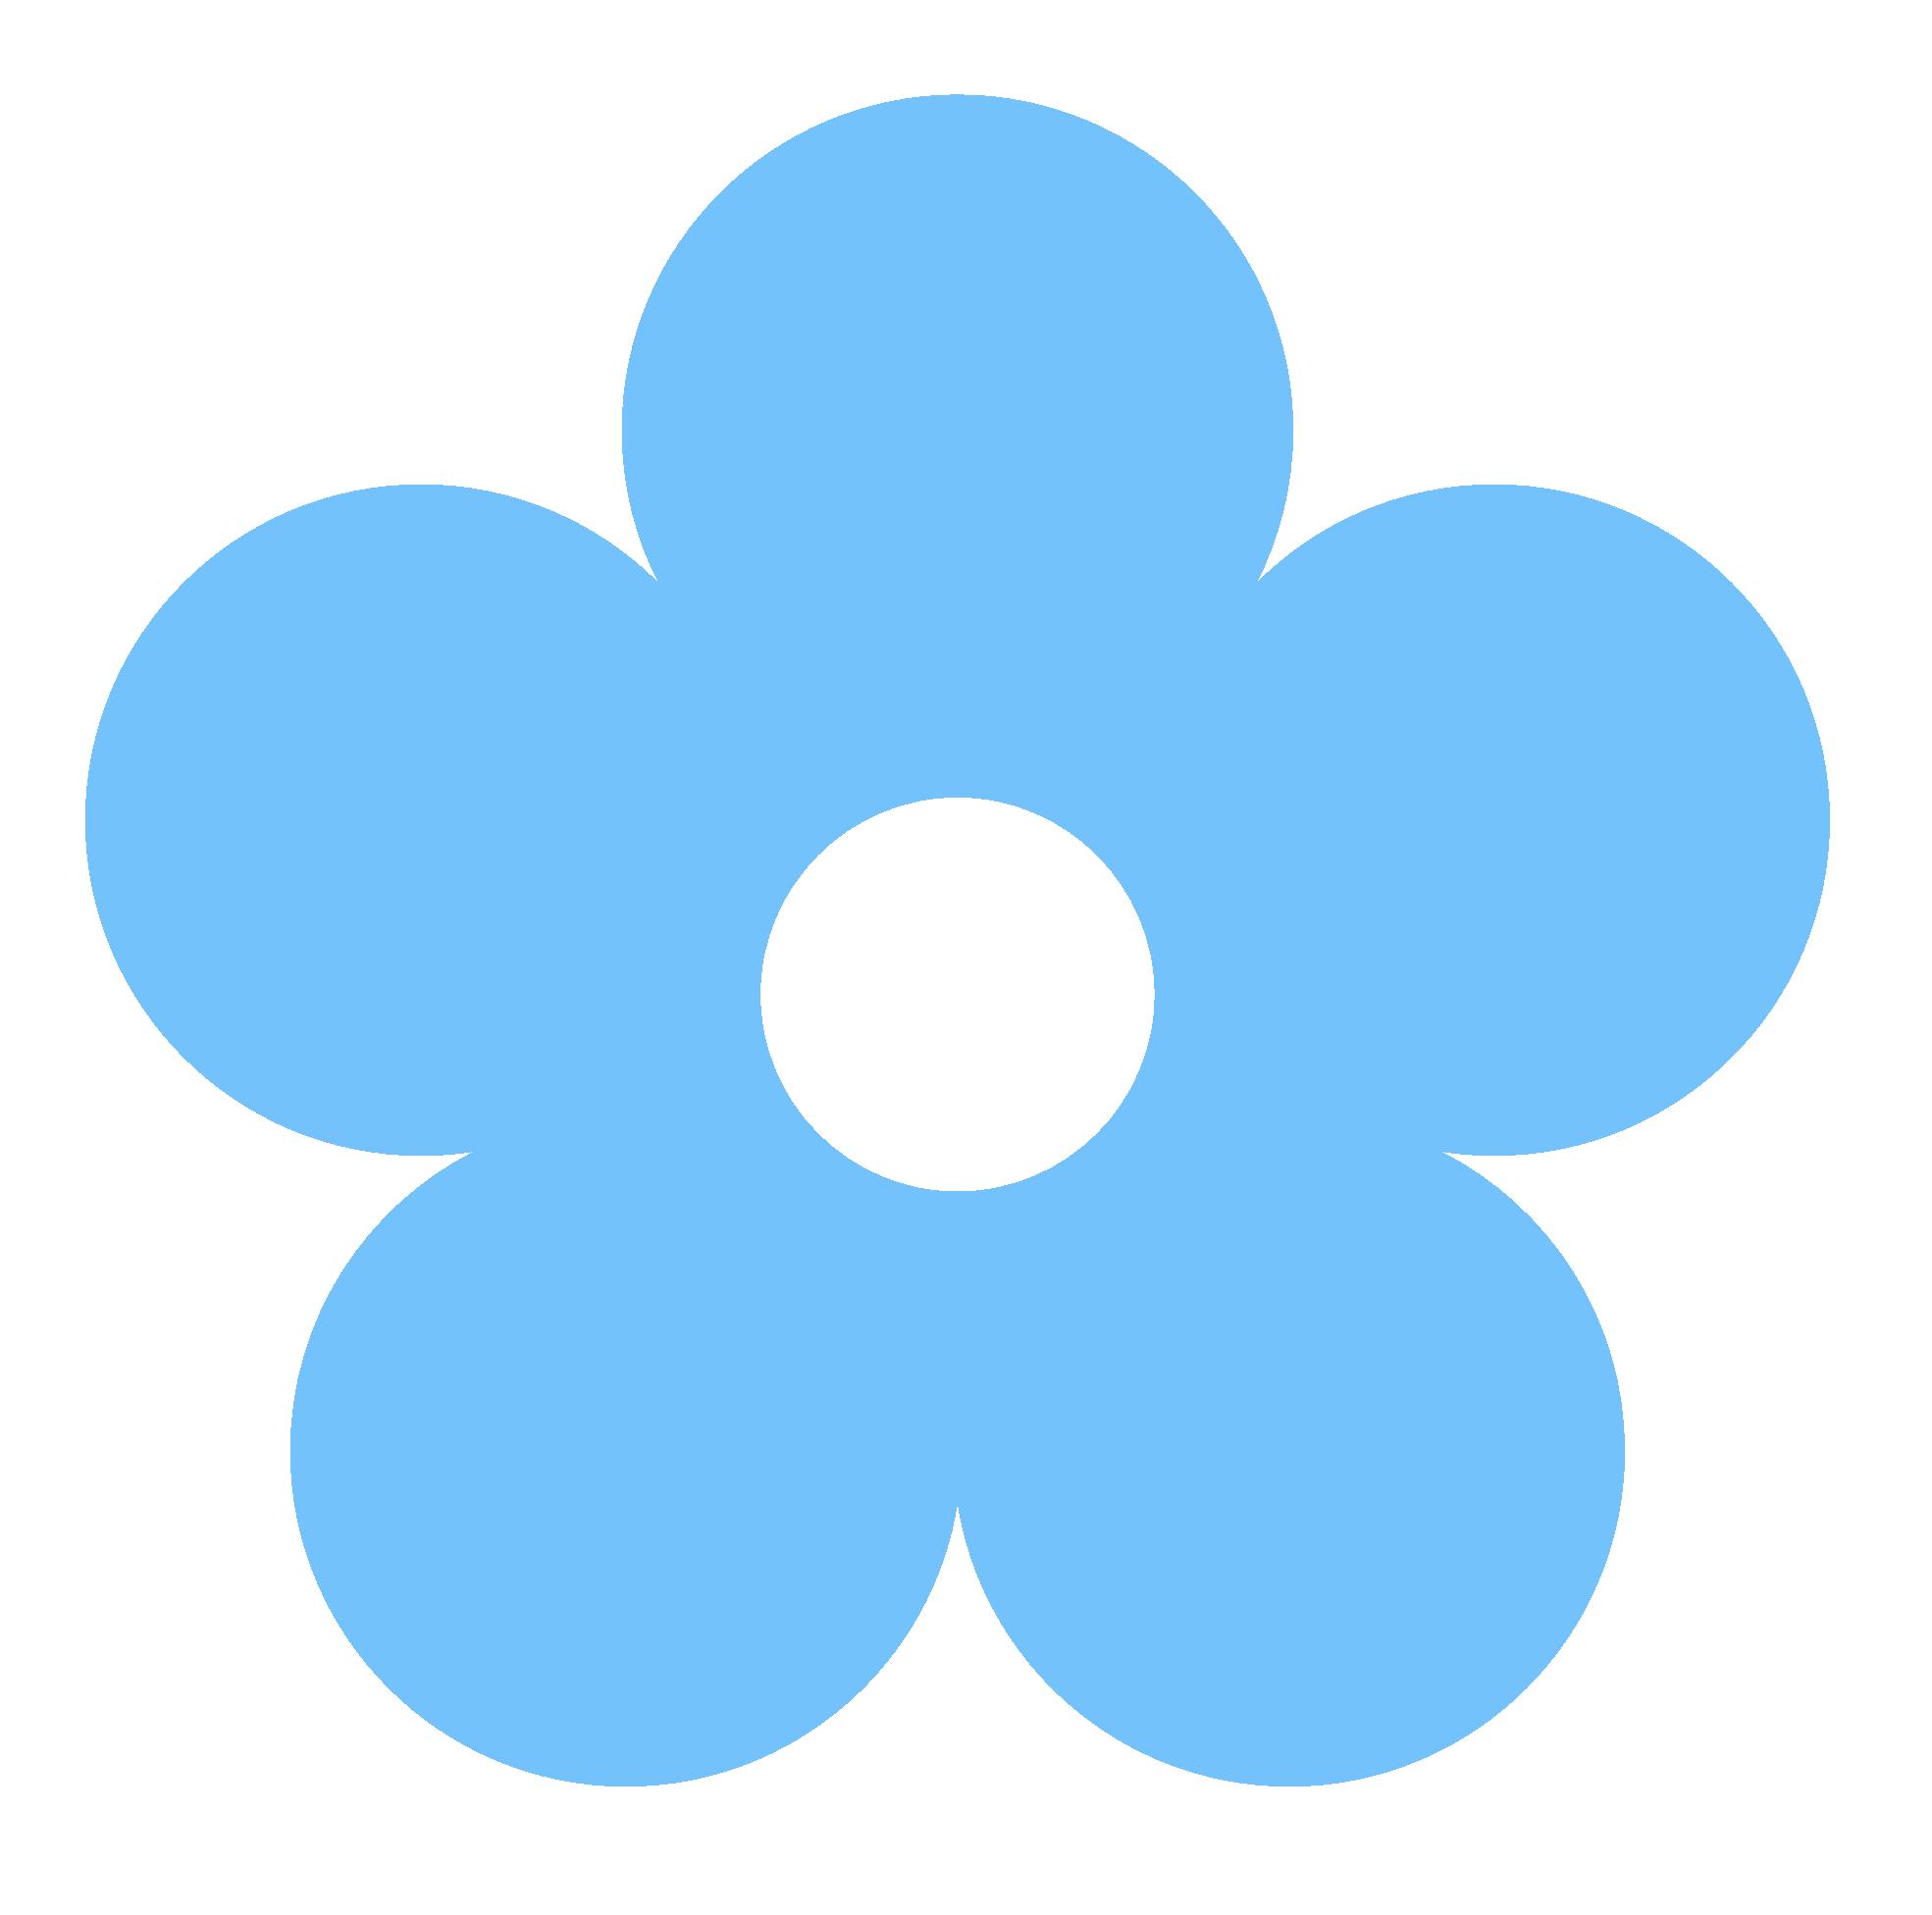 Flowers For Blue Flower Clip .-Flowers For Blue Flower Clip .-9